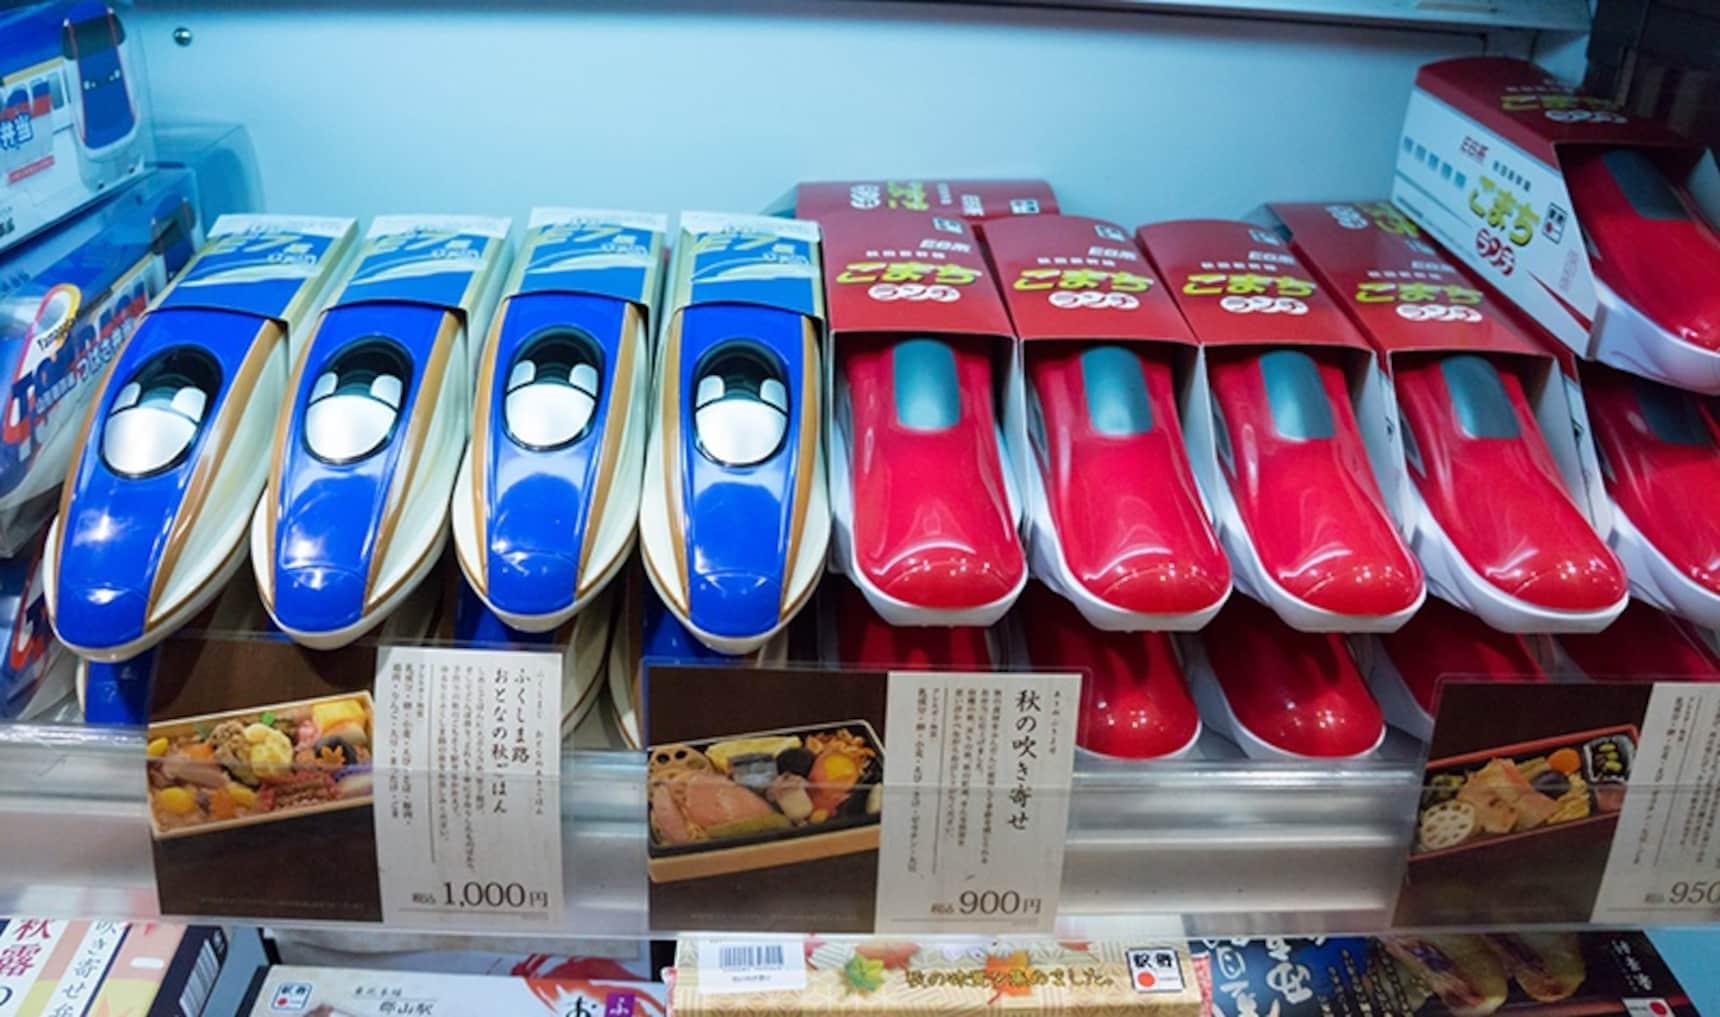 6 เบนโตะเด็ดน่าซื้อไปกินบน Hokkaido Shinkansen